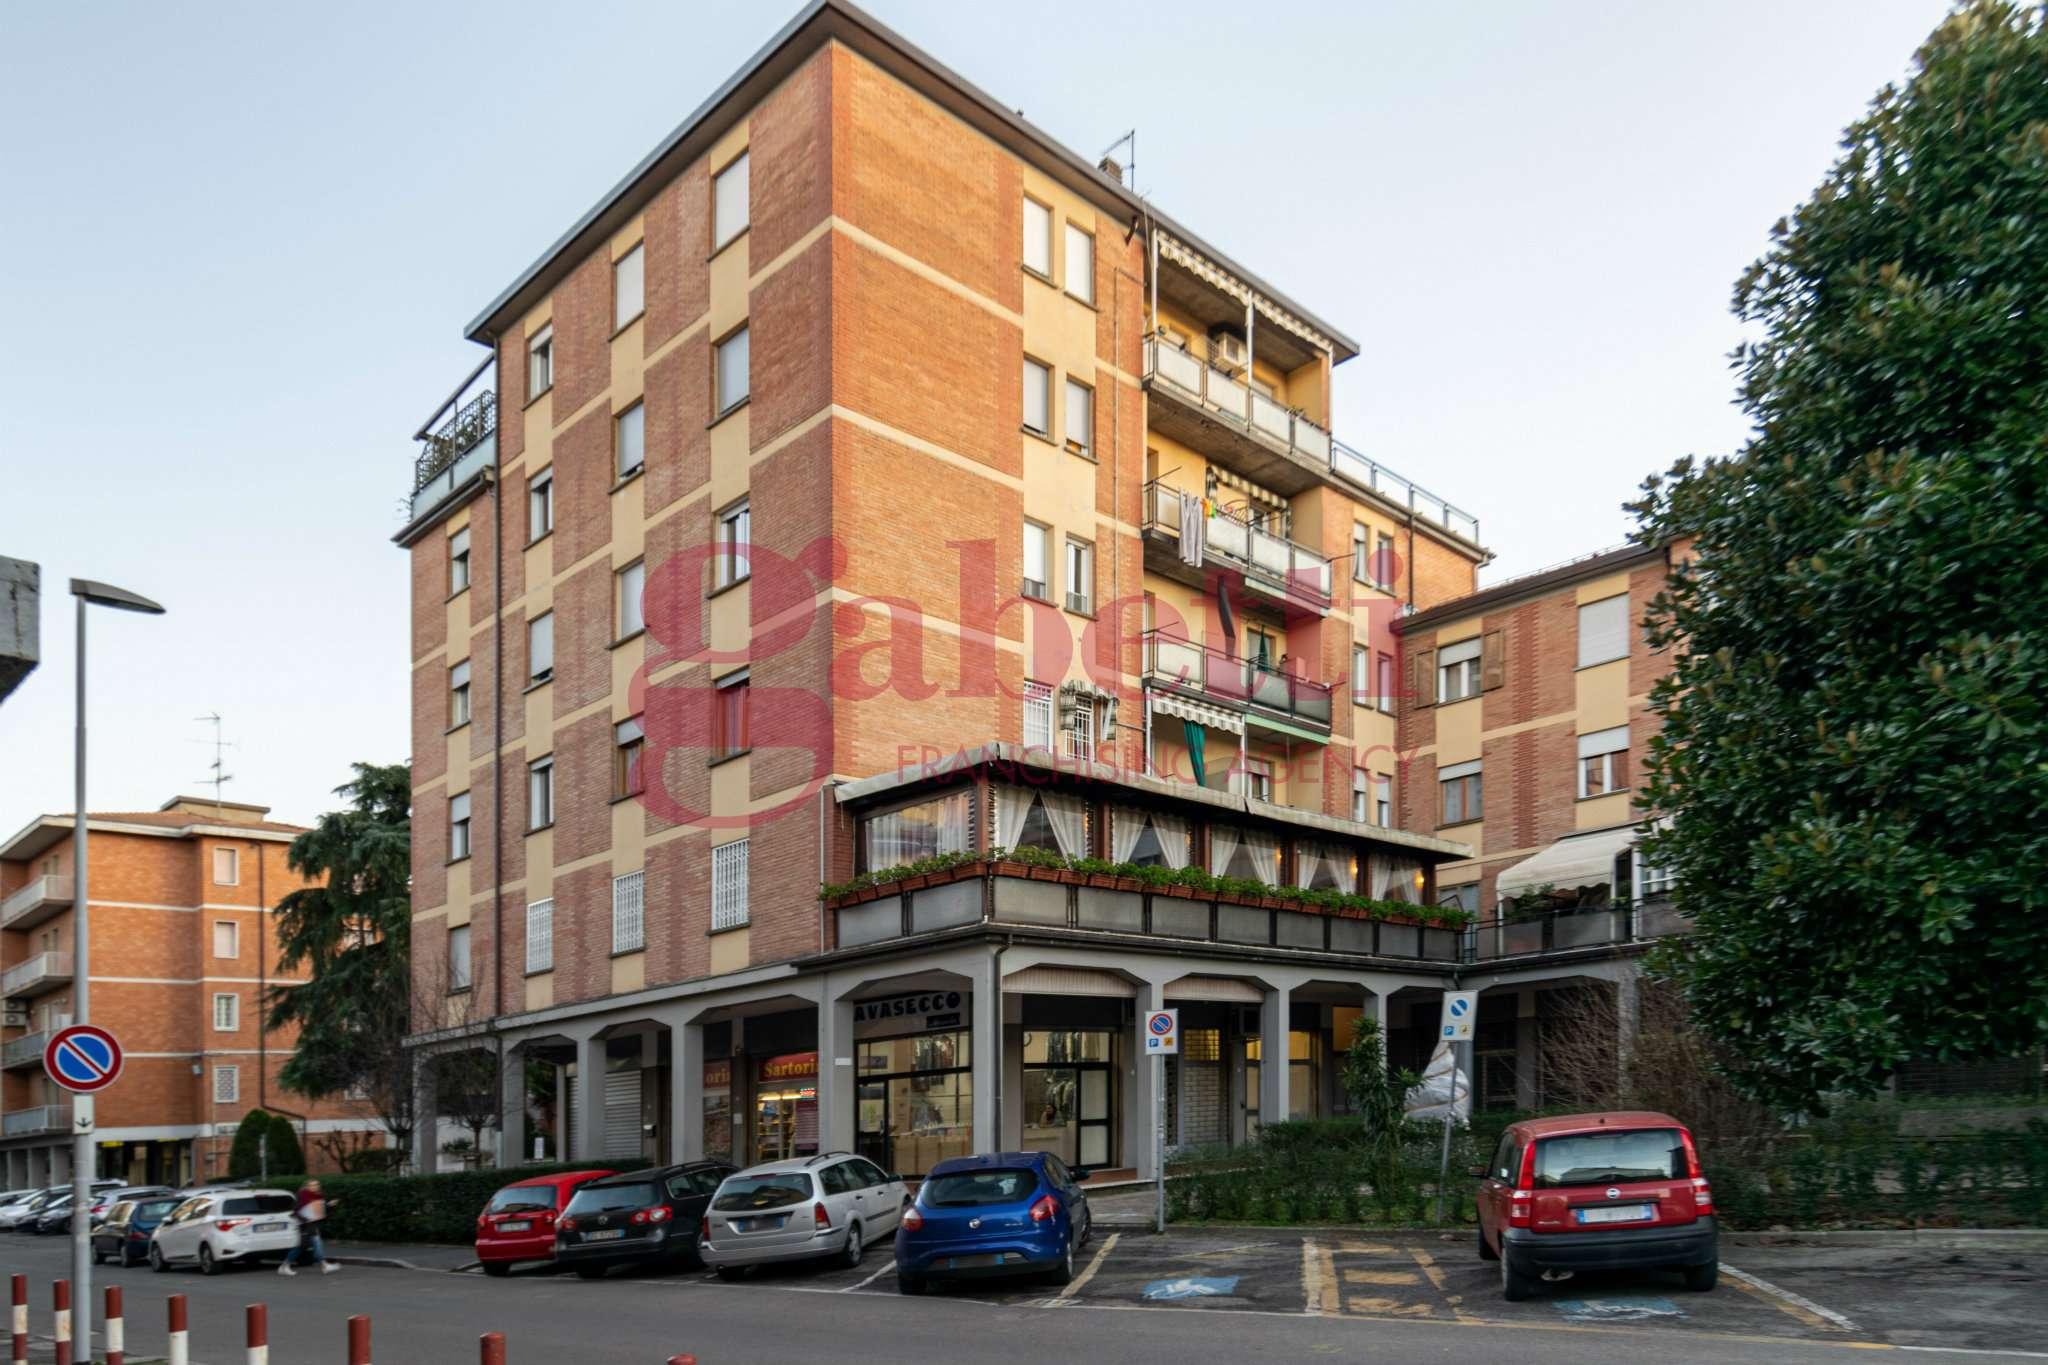 Appartamento in vendita a Zola Predosa, 5 locali, prezzo € 320.000 | PortaleAgenzieImmobiliari.it